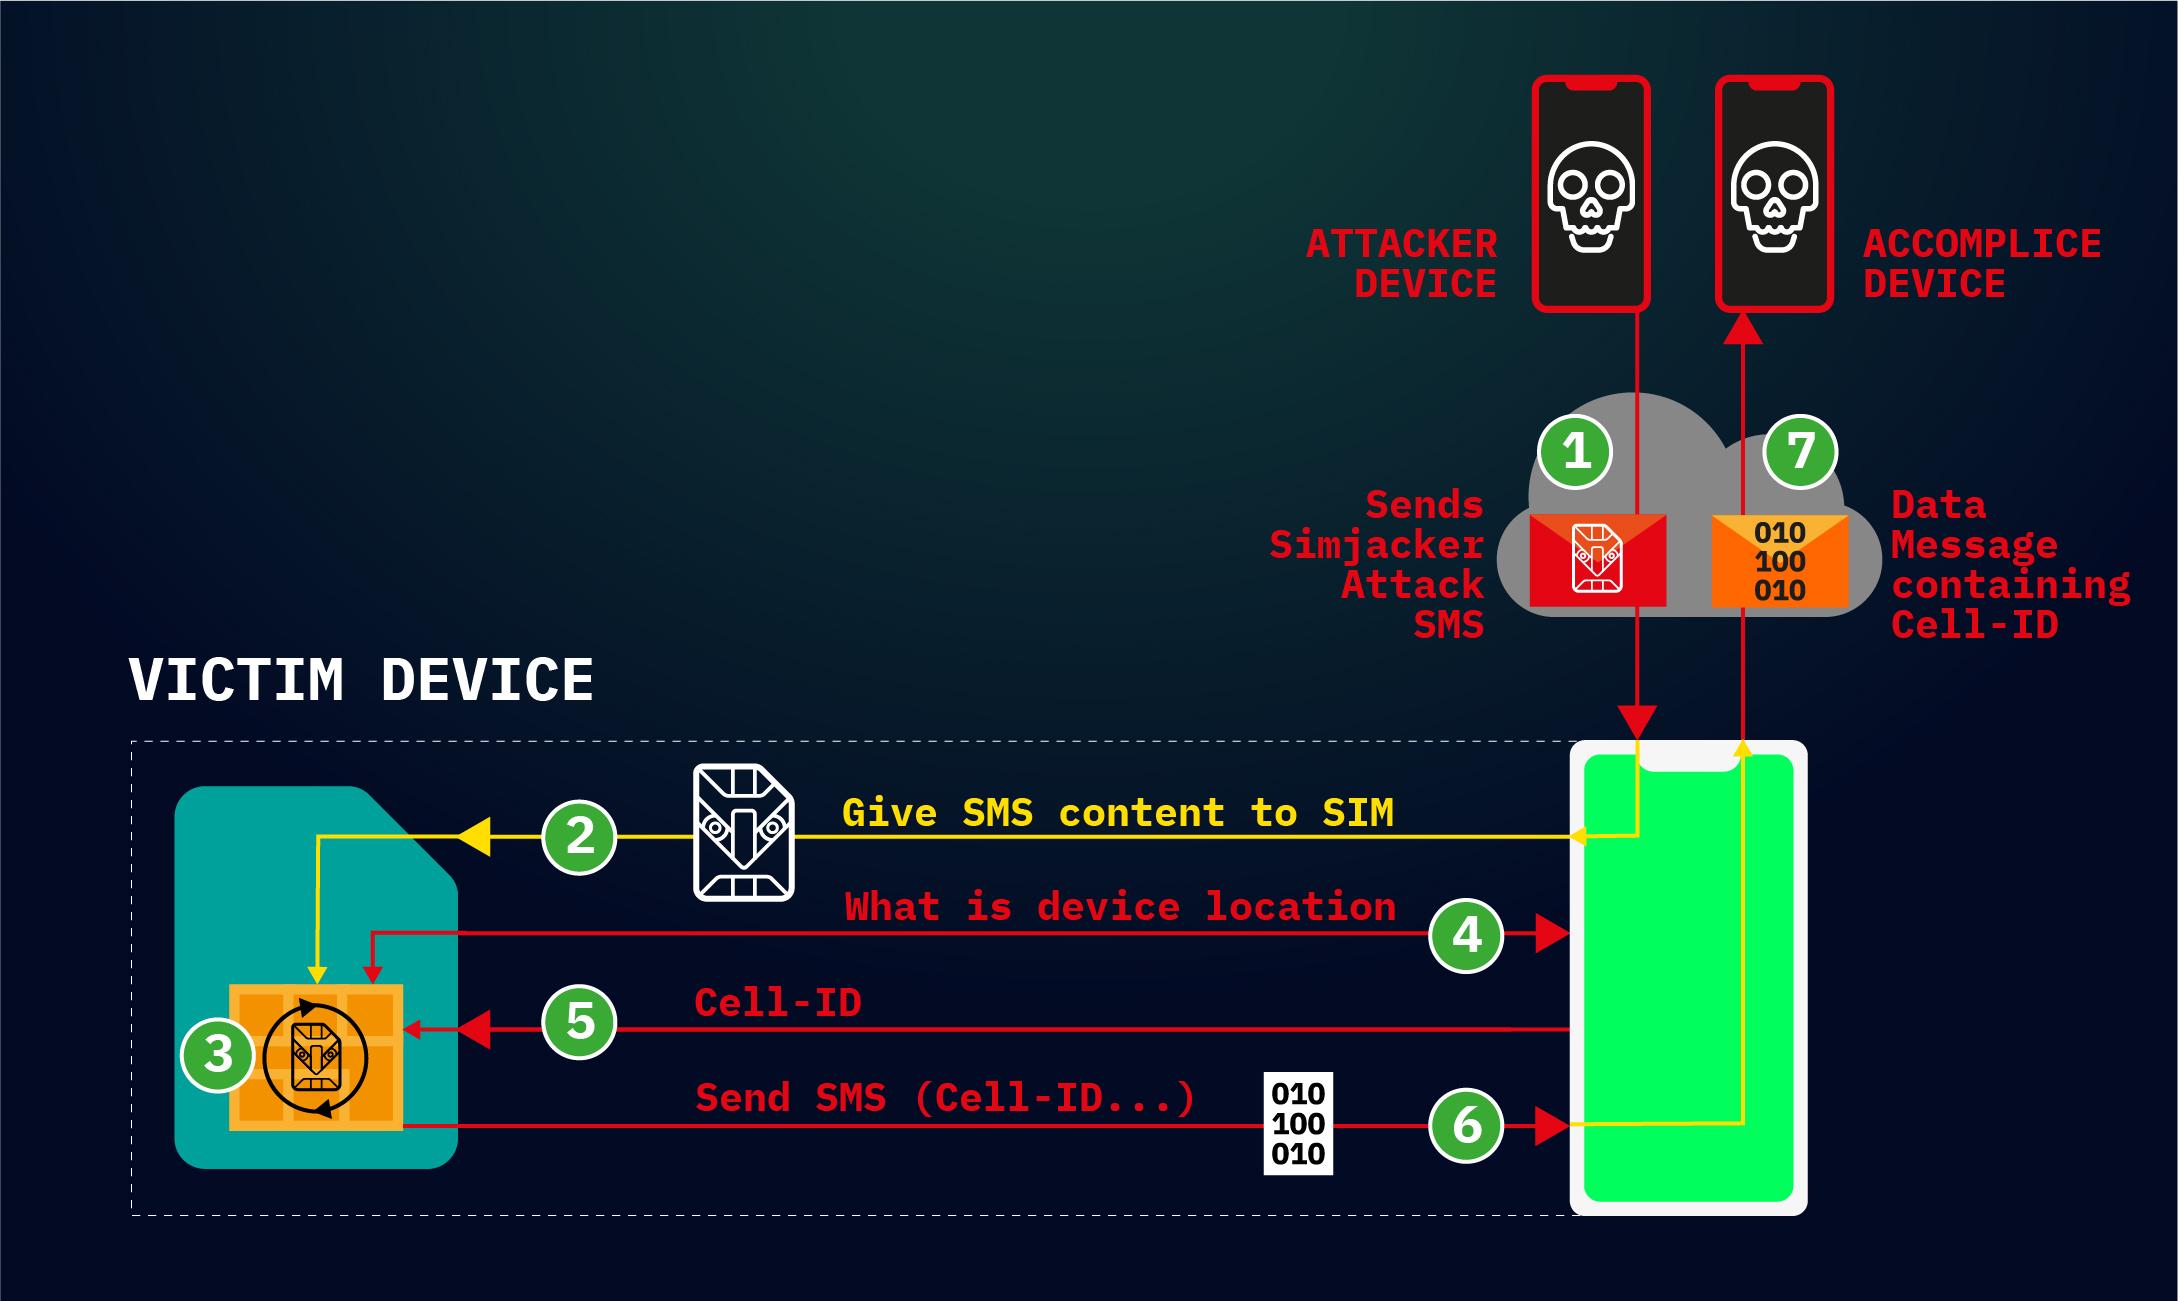 سیمجکر - نسل بعدی جاسوسی روی موبایل